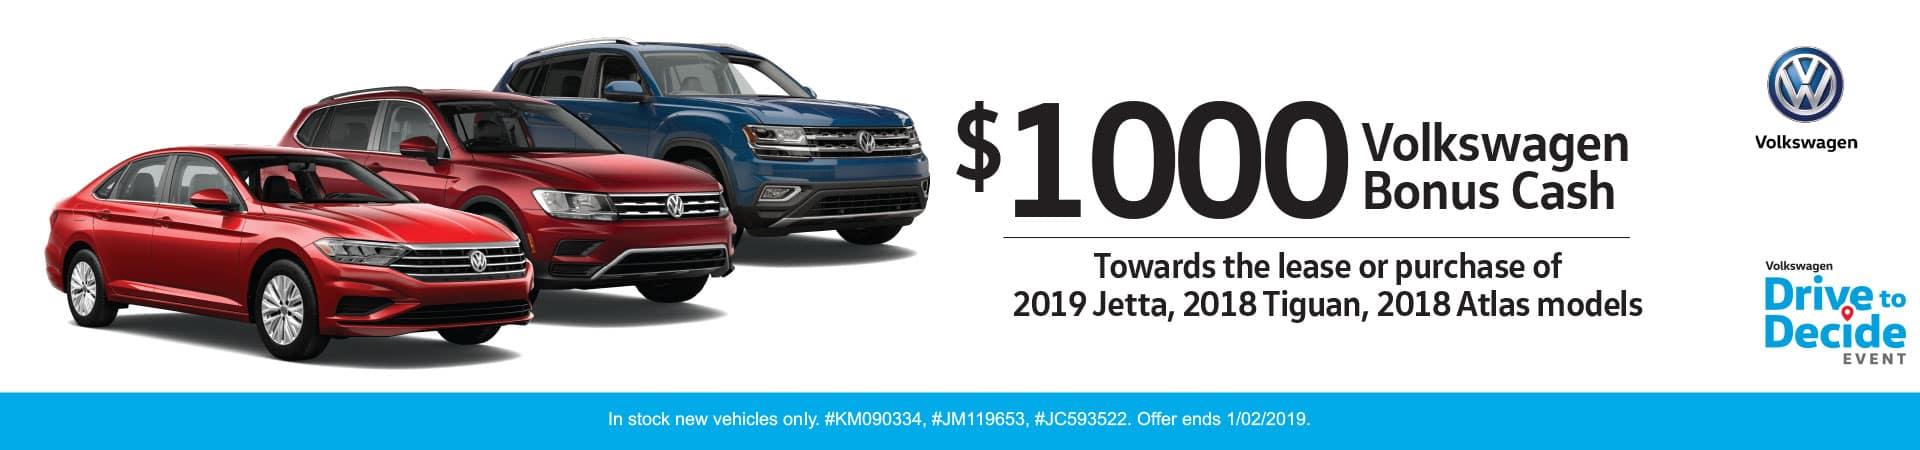 Volkswagen Bonus Cash